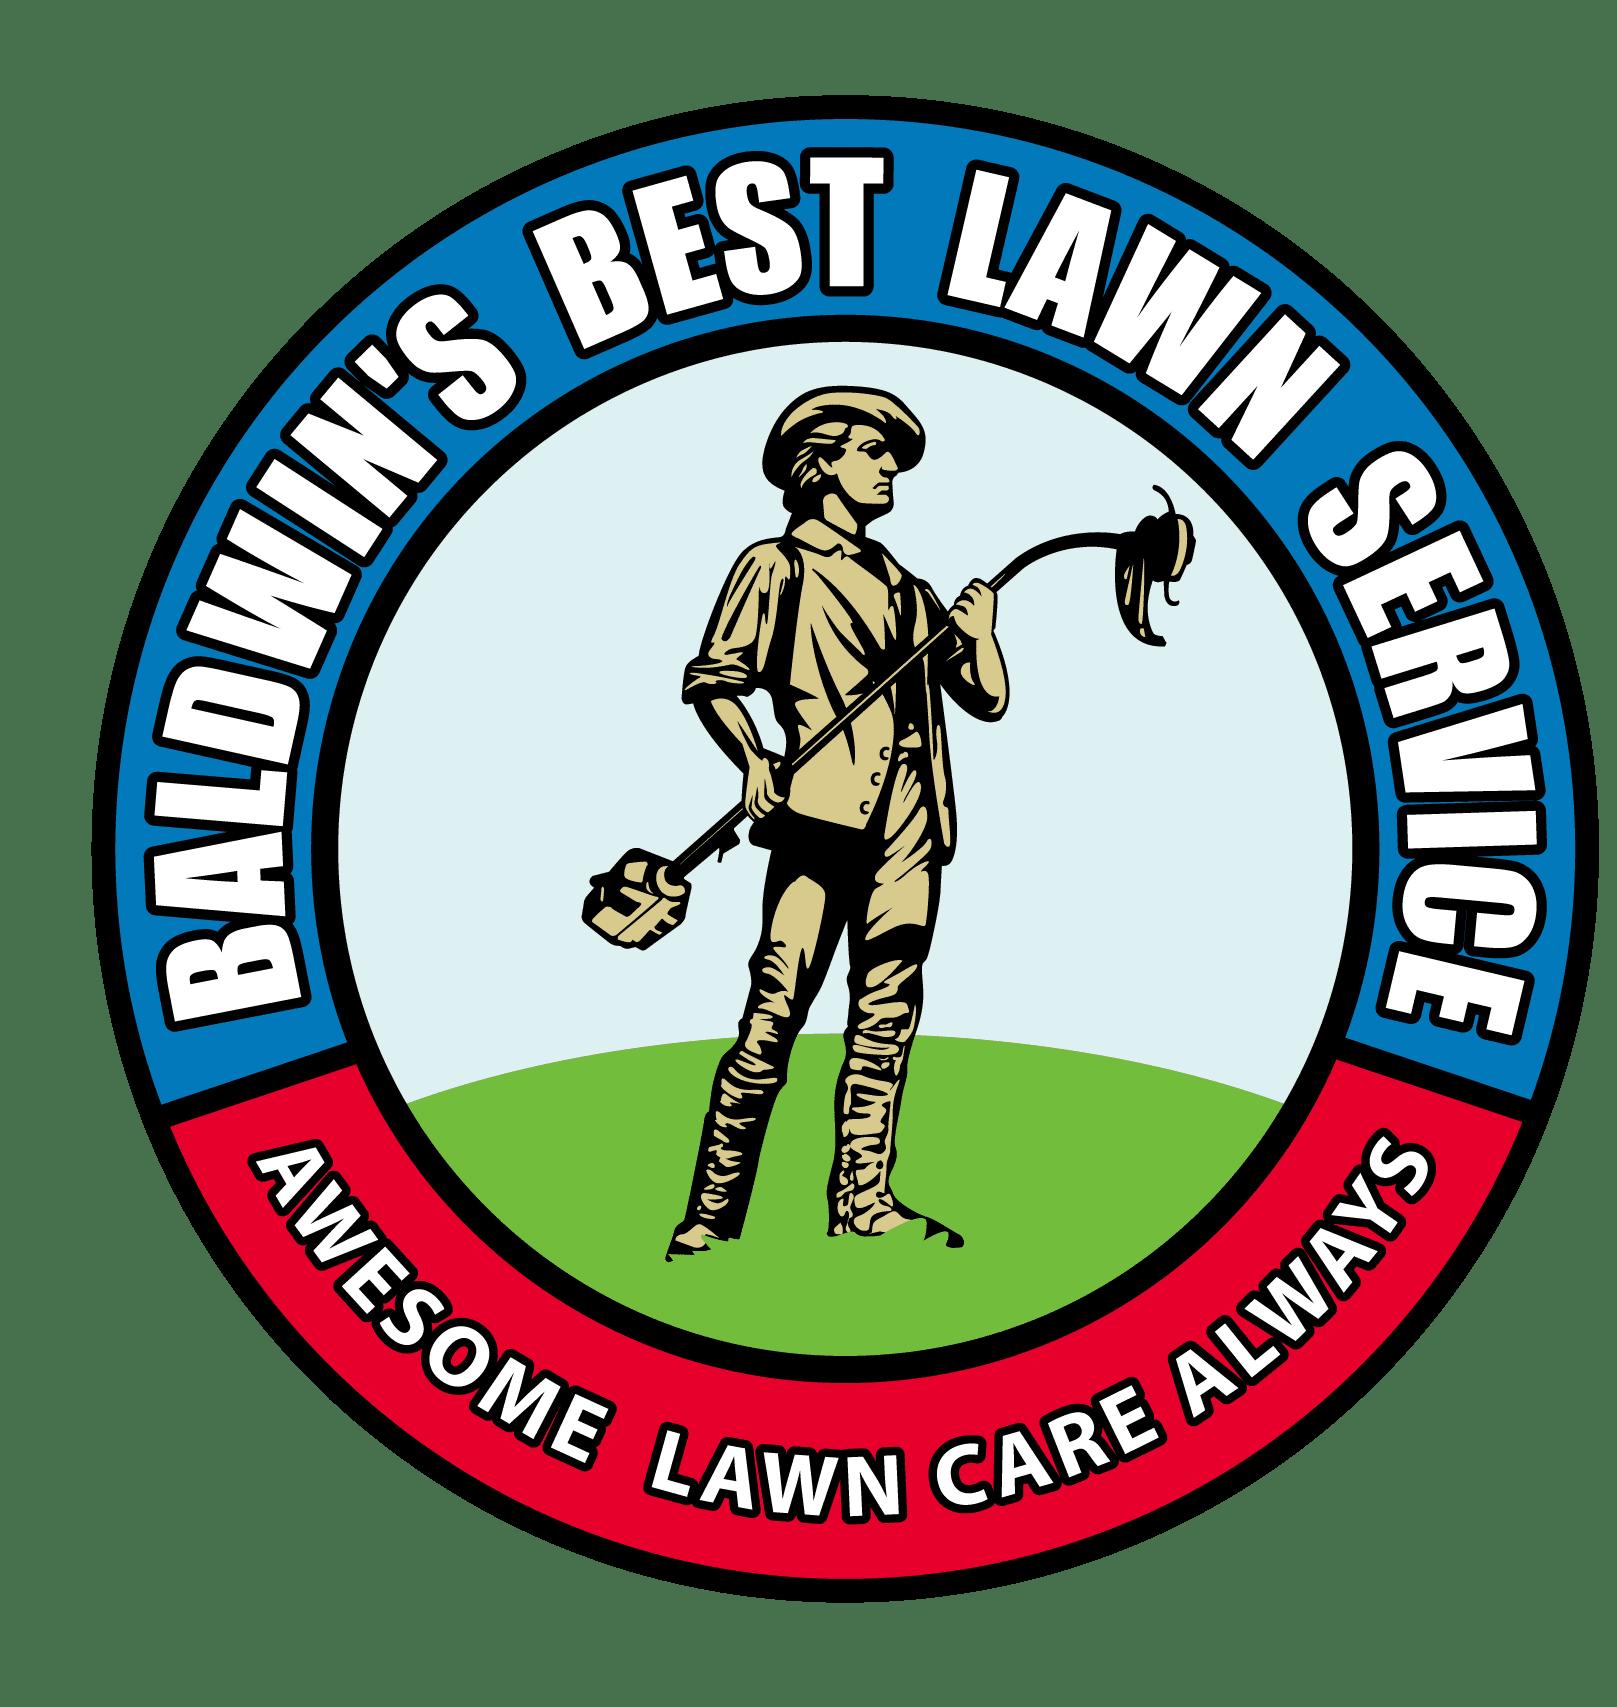 Baldwin's Best Lawn Service